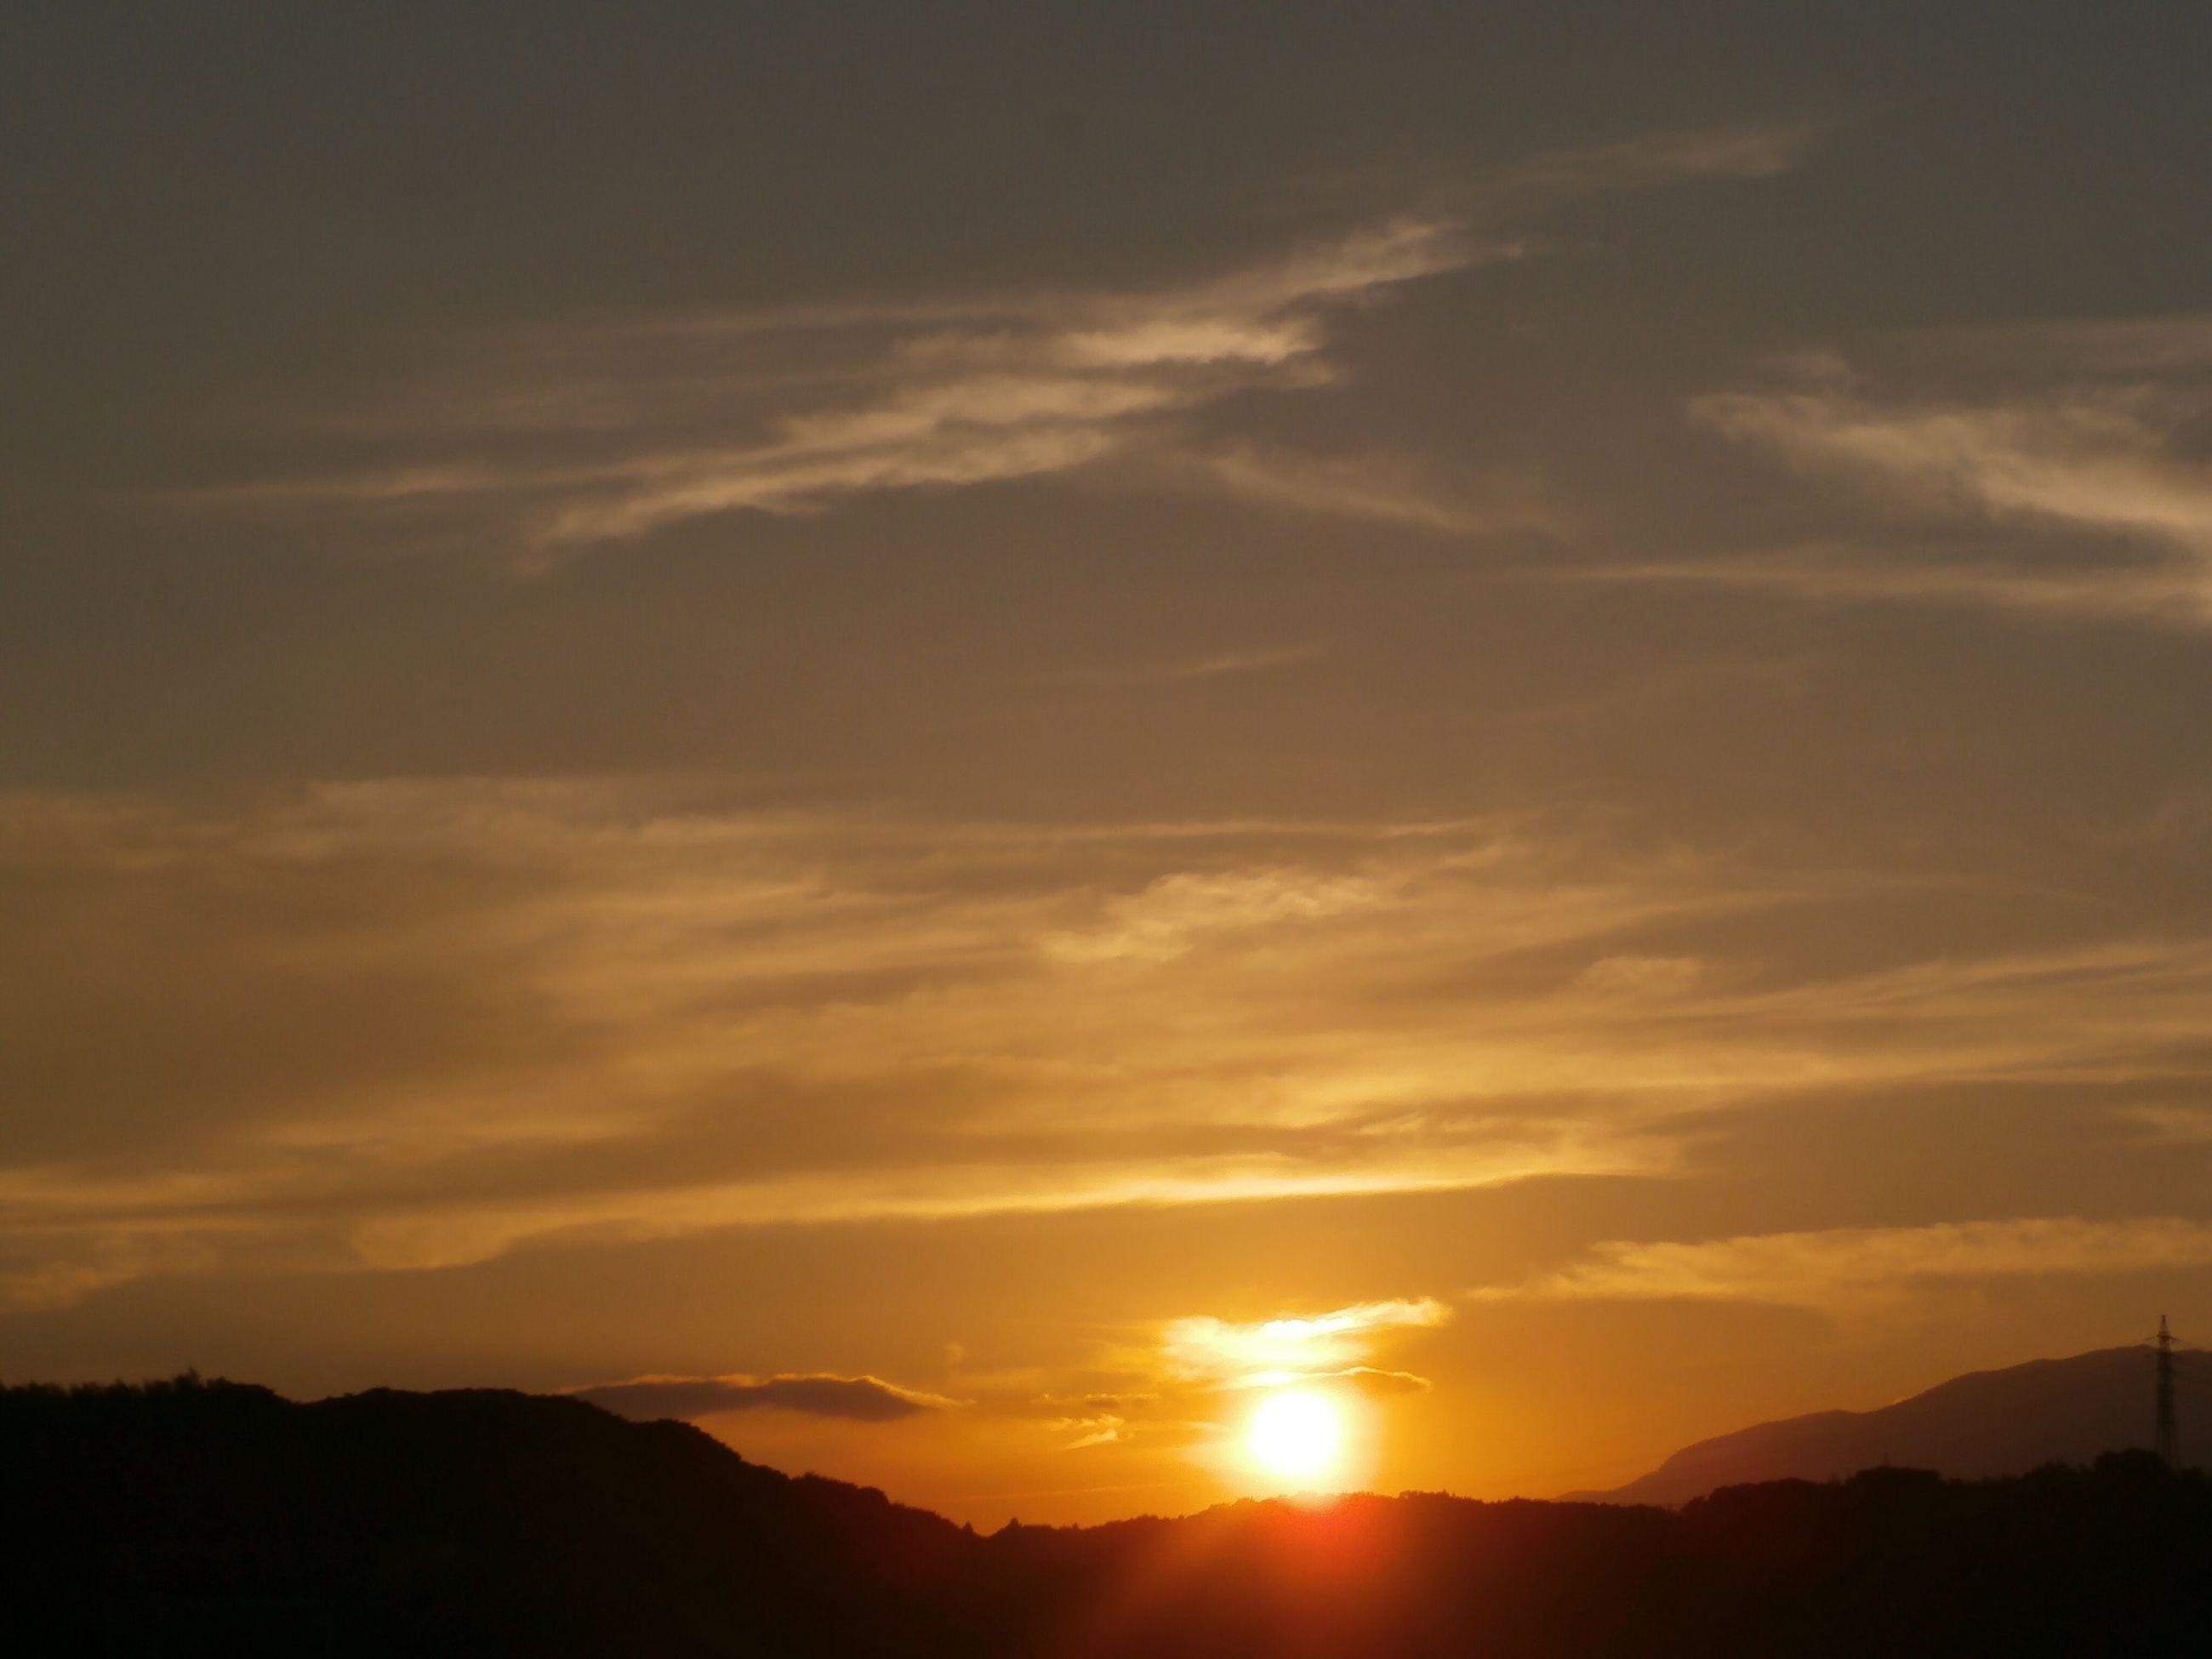 sunset, silhouette, sun, scenics, tranquil scene, beauty in nature, sky, tranquility, orange color, mountain, idyllic, nature, sunbeam, sunlight, landscape, cloud - sky, cloud, mountain range, back lit, majestic